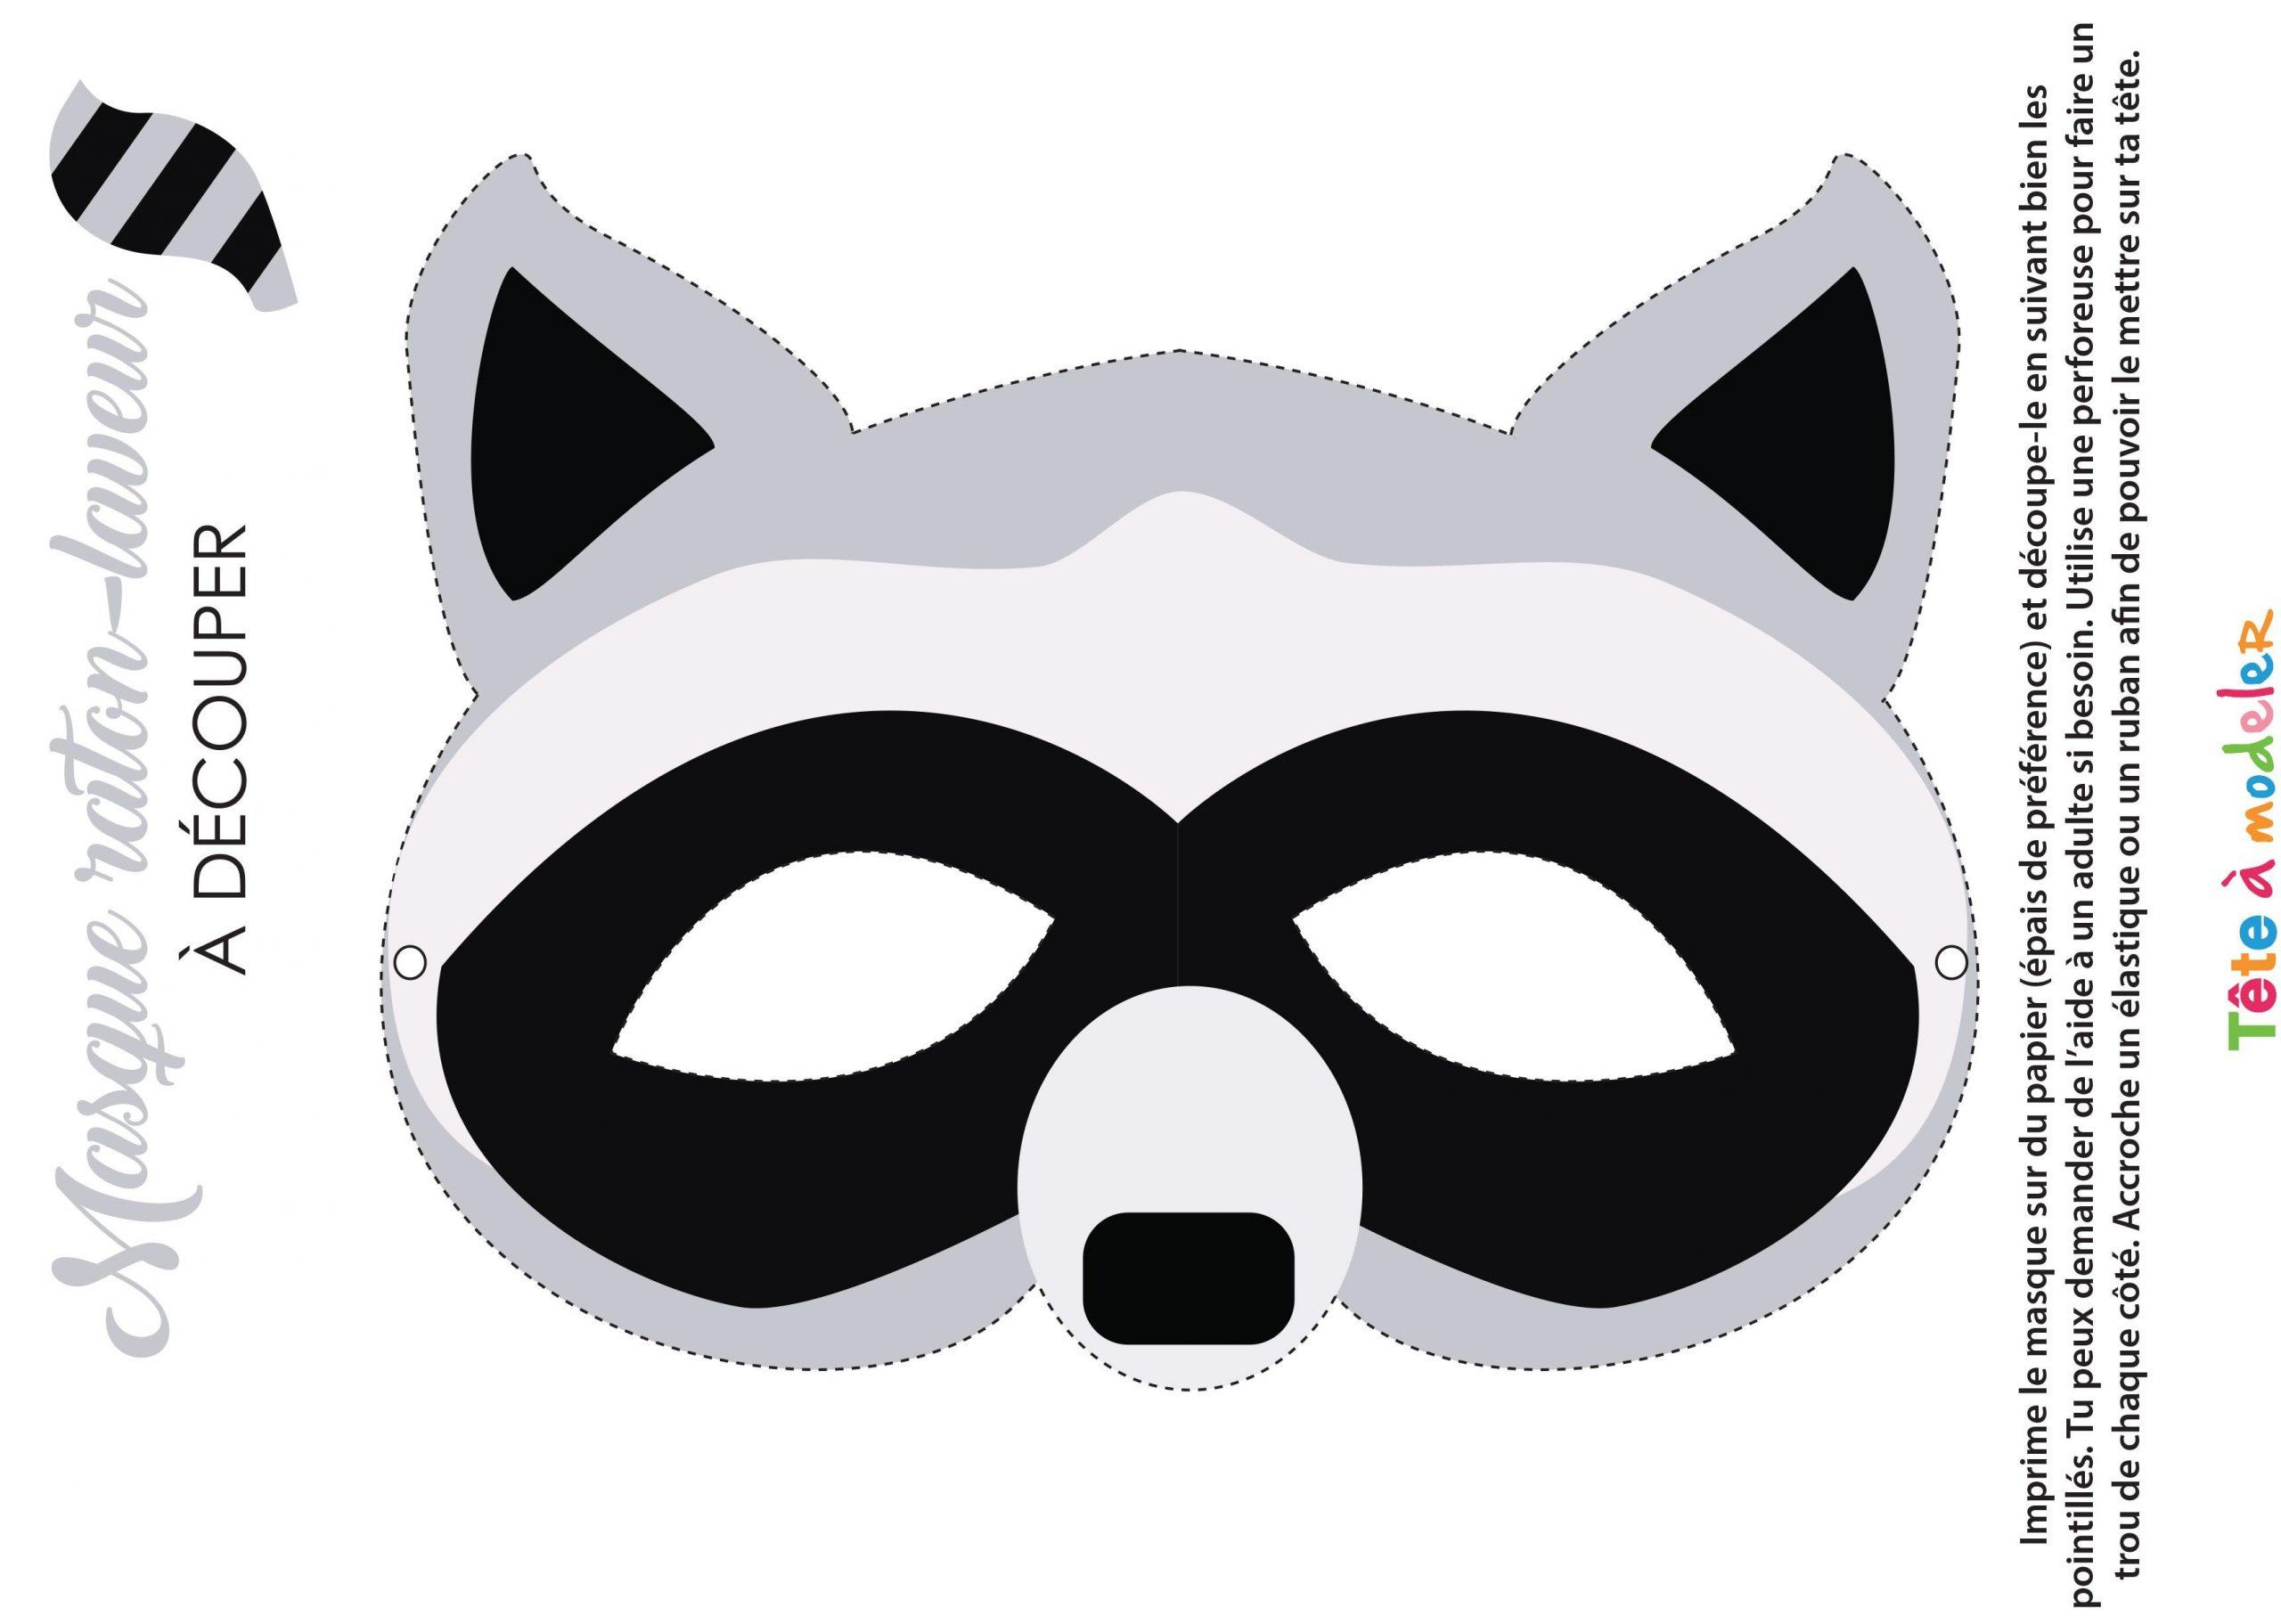 Masque De Raton Laveur Imprimer Avec Masque De Raton Laveur avec Masque De Loup À Imprimer